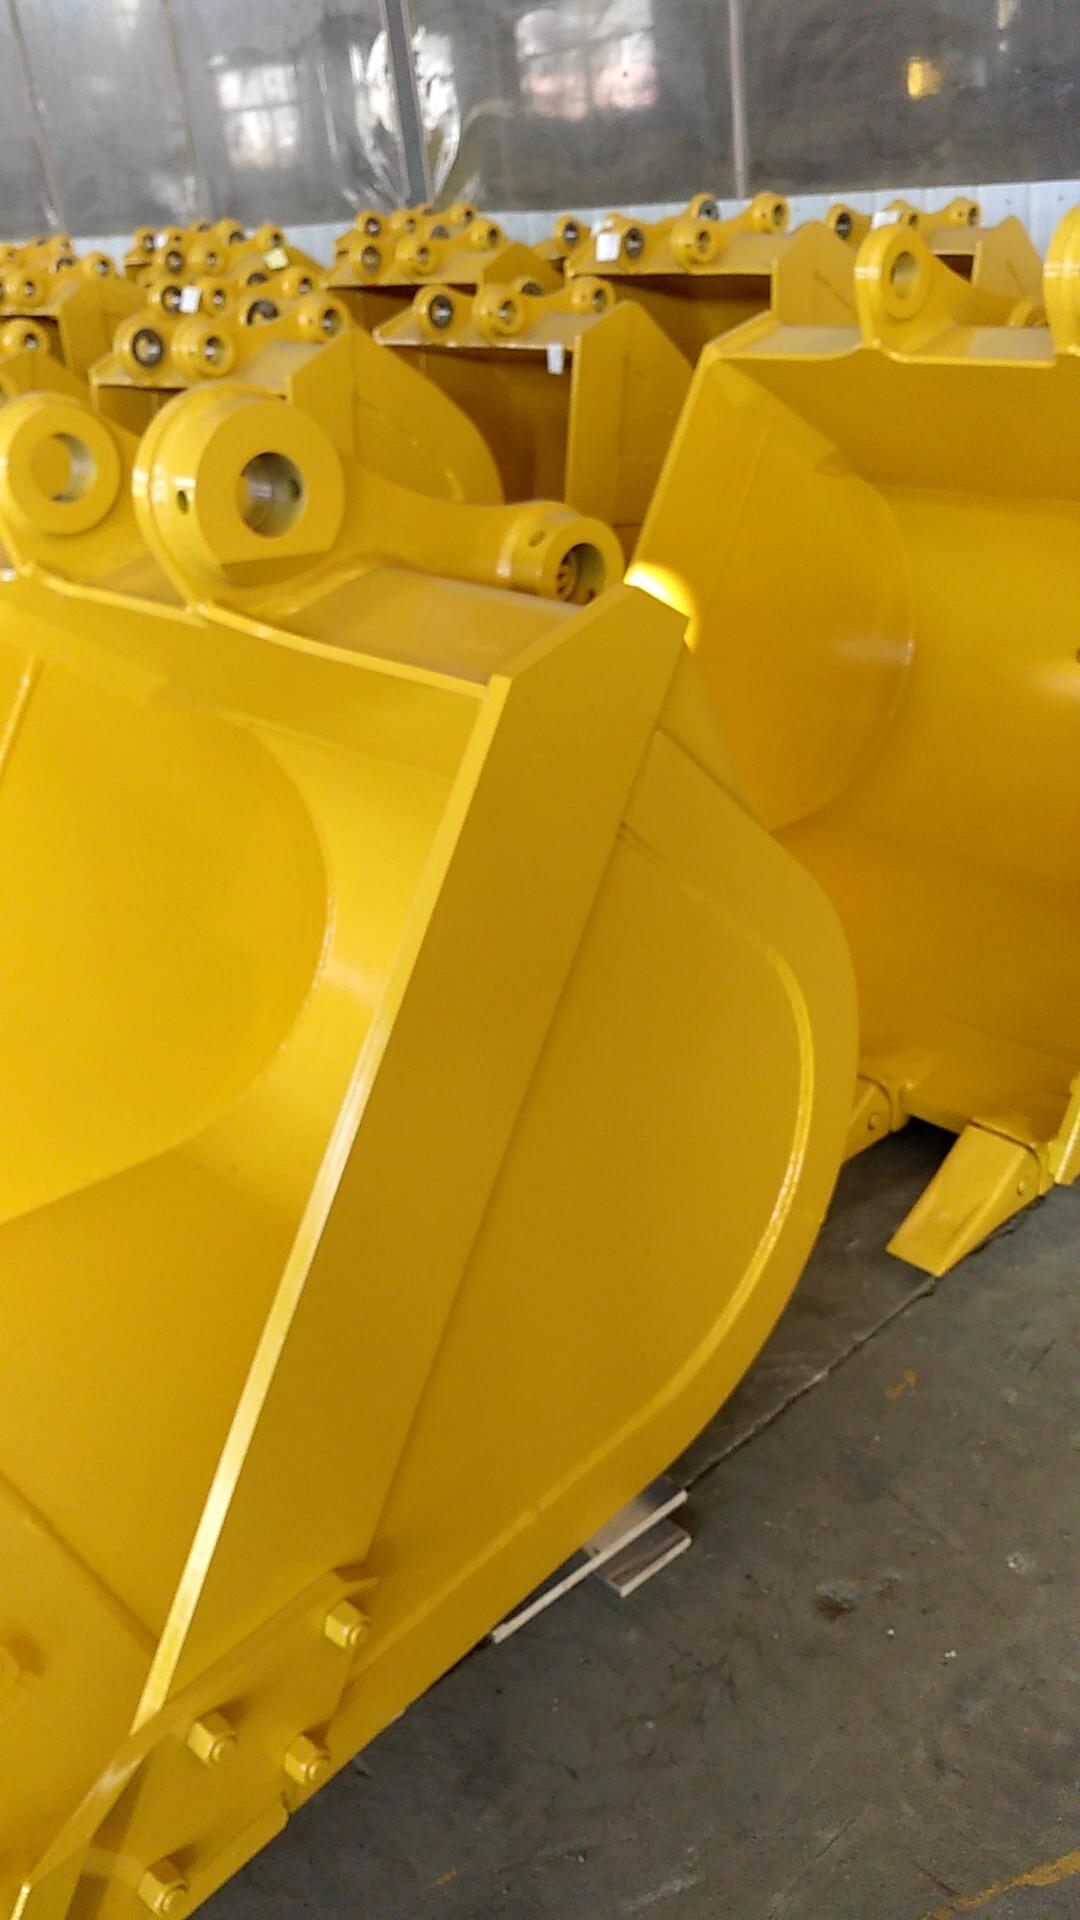 小松黄才是真的黄!